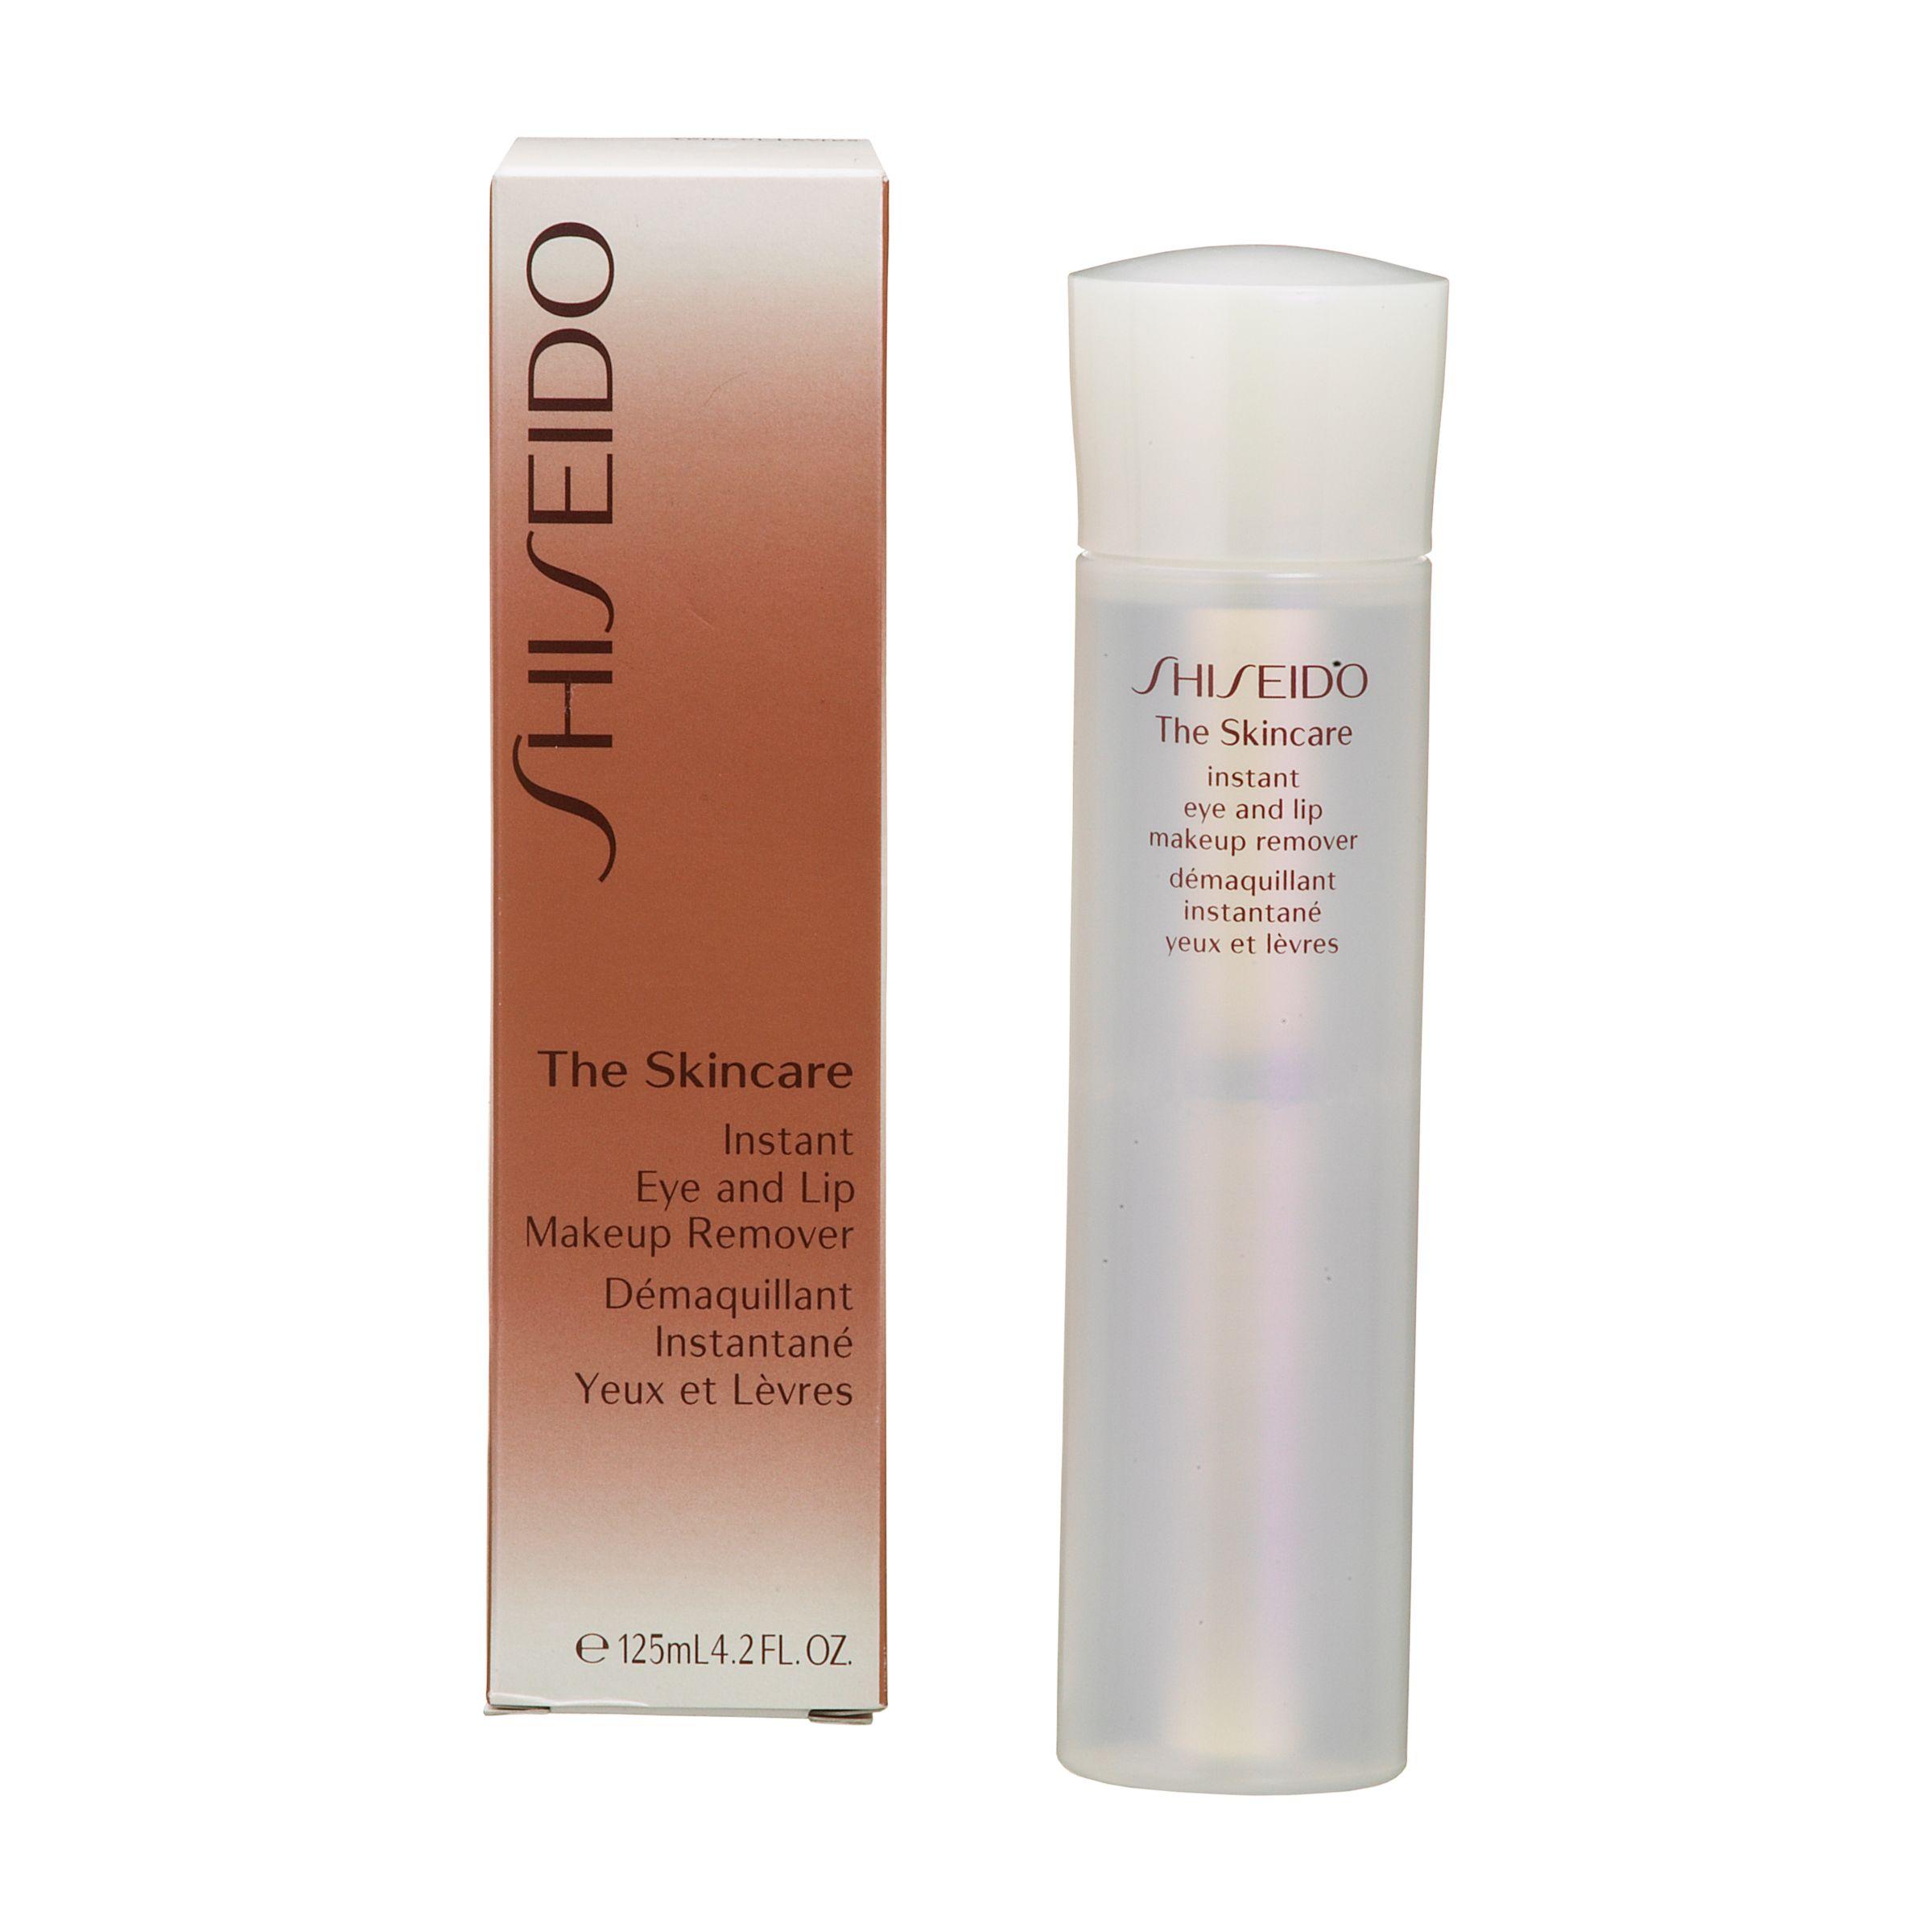 Shiseido Shiseido The Skincare Eye and Lip Makeup Remover, 125ml